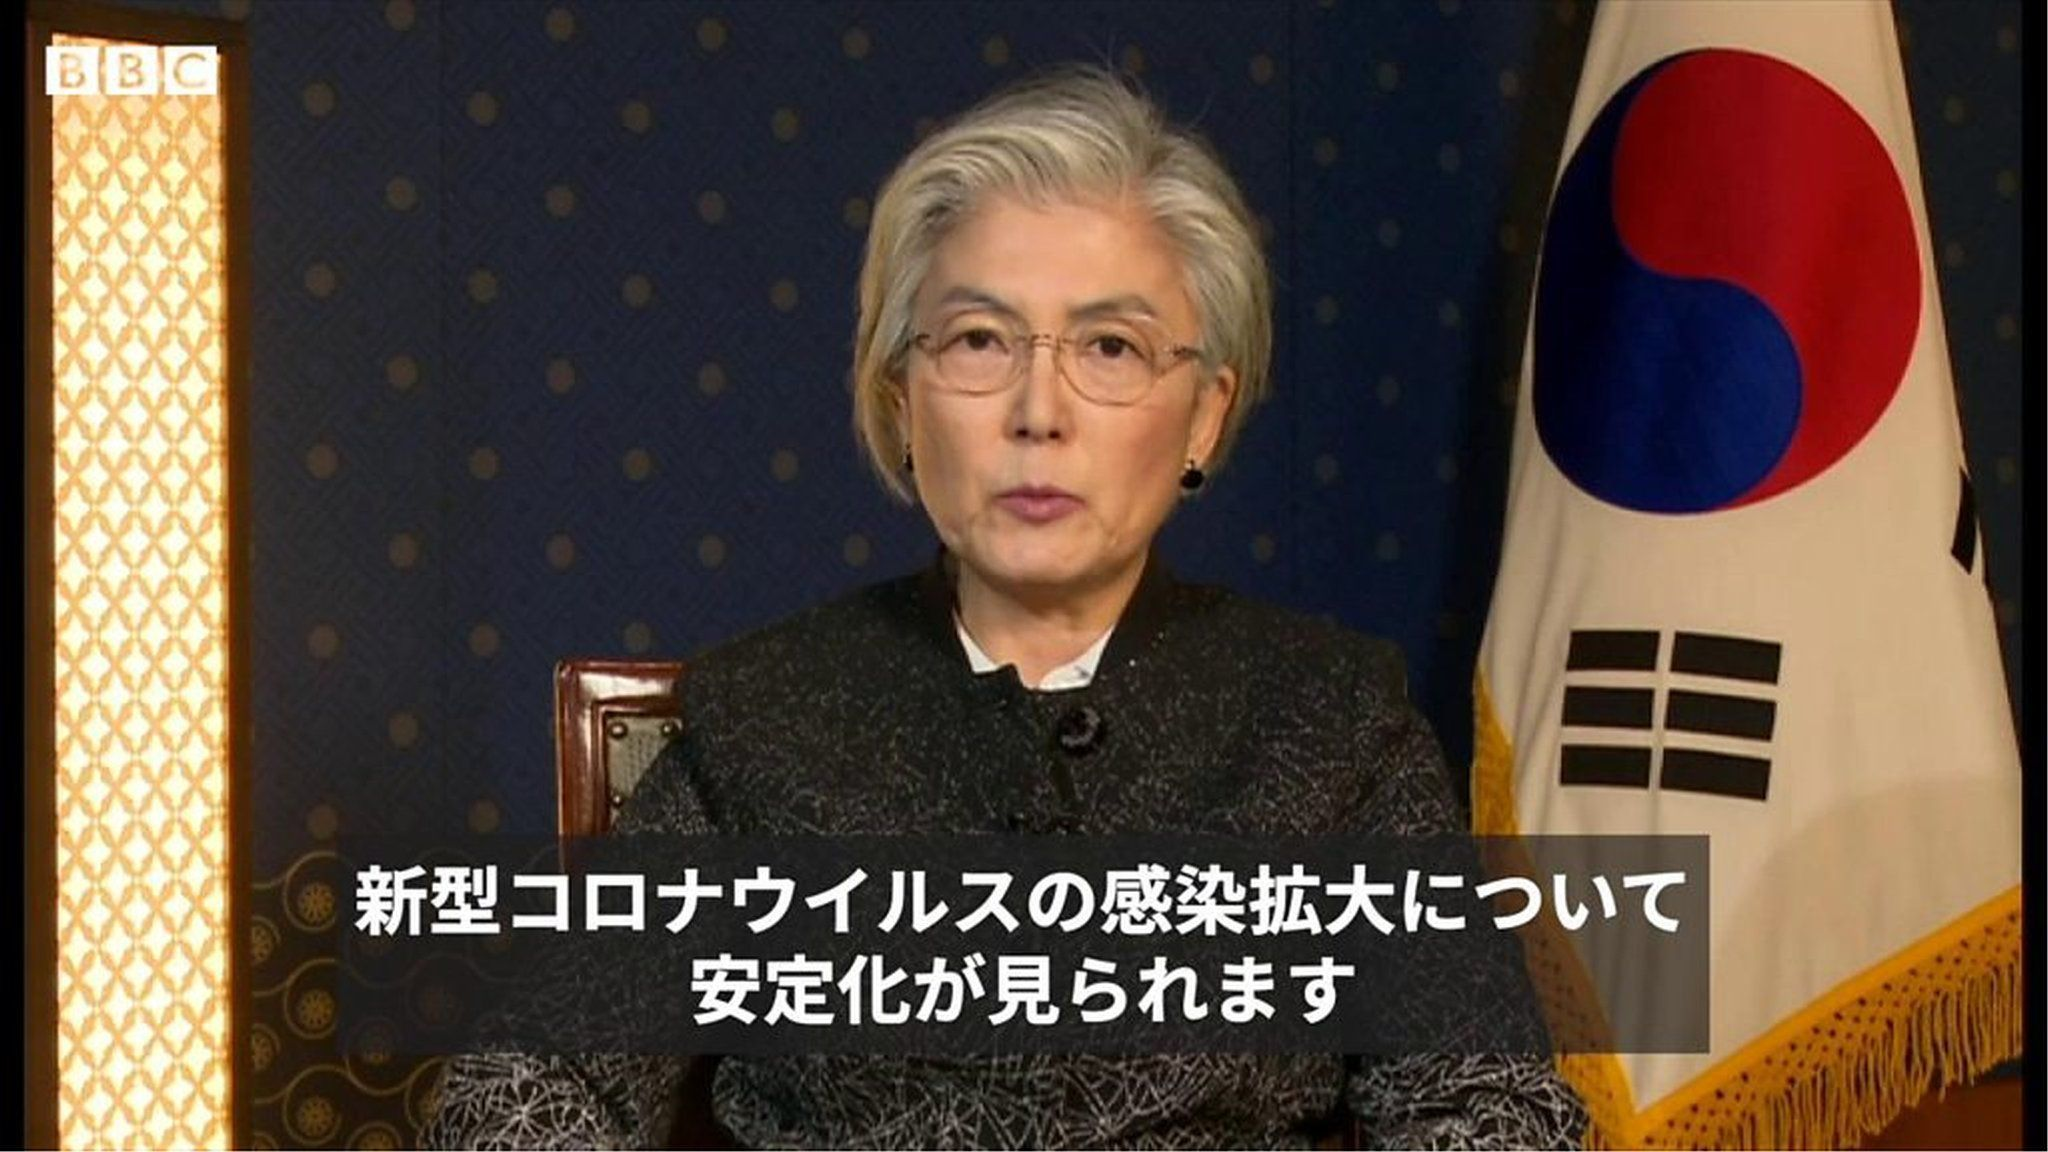 韓国外相、国内の新型ウイルス感染「安定化が見られる」 BBC番組で発言